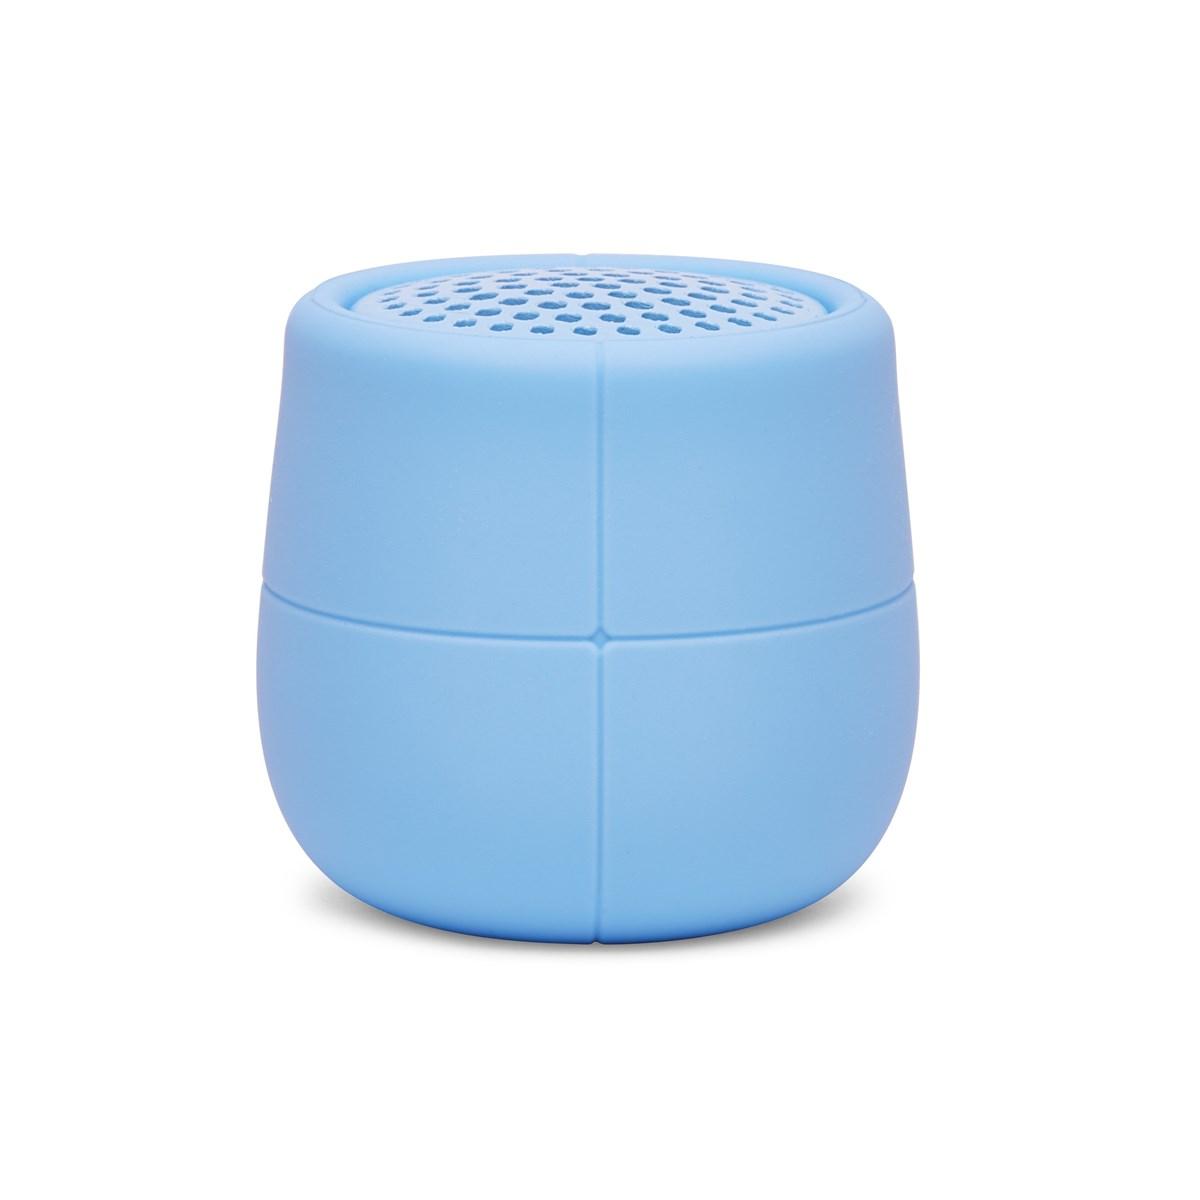 Enceinte flottante Bluetooth en Gomme Bleu ciel